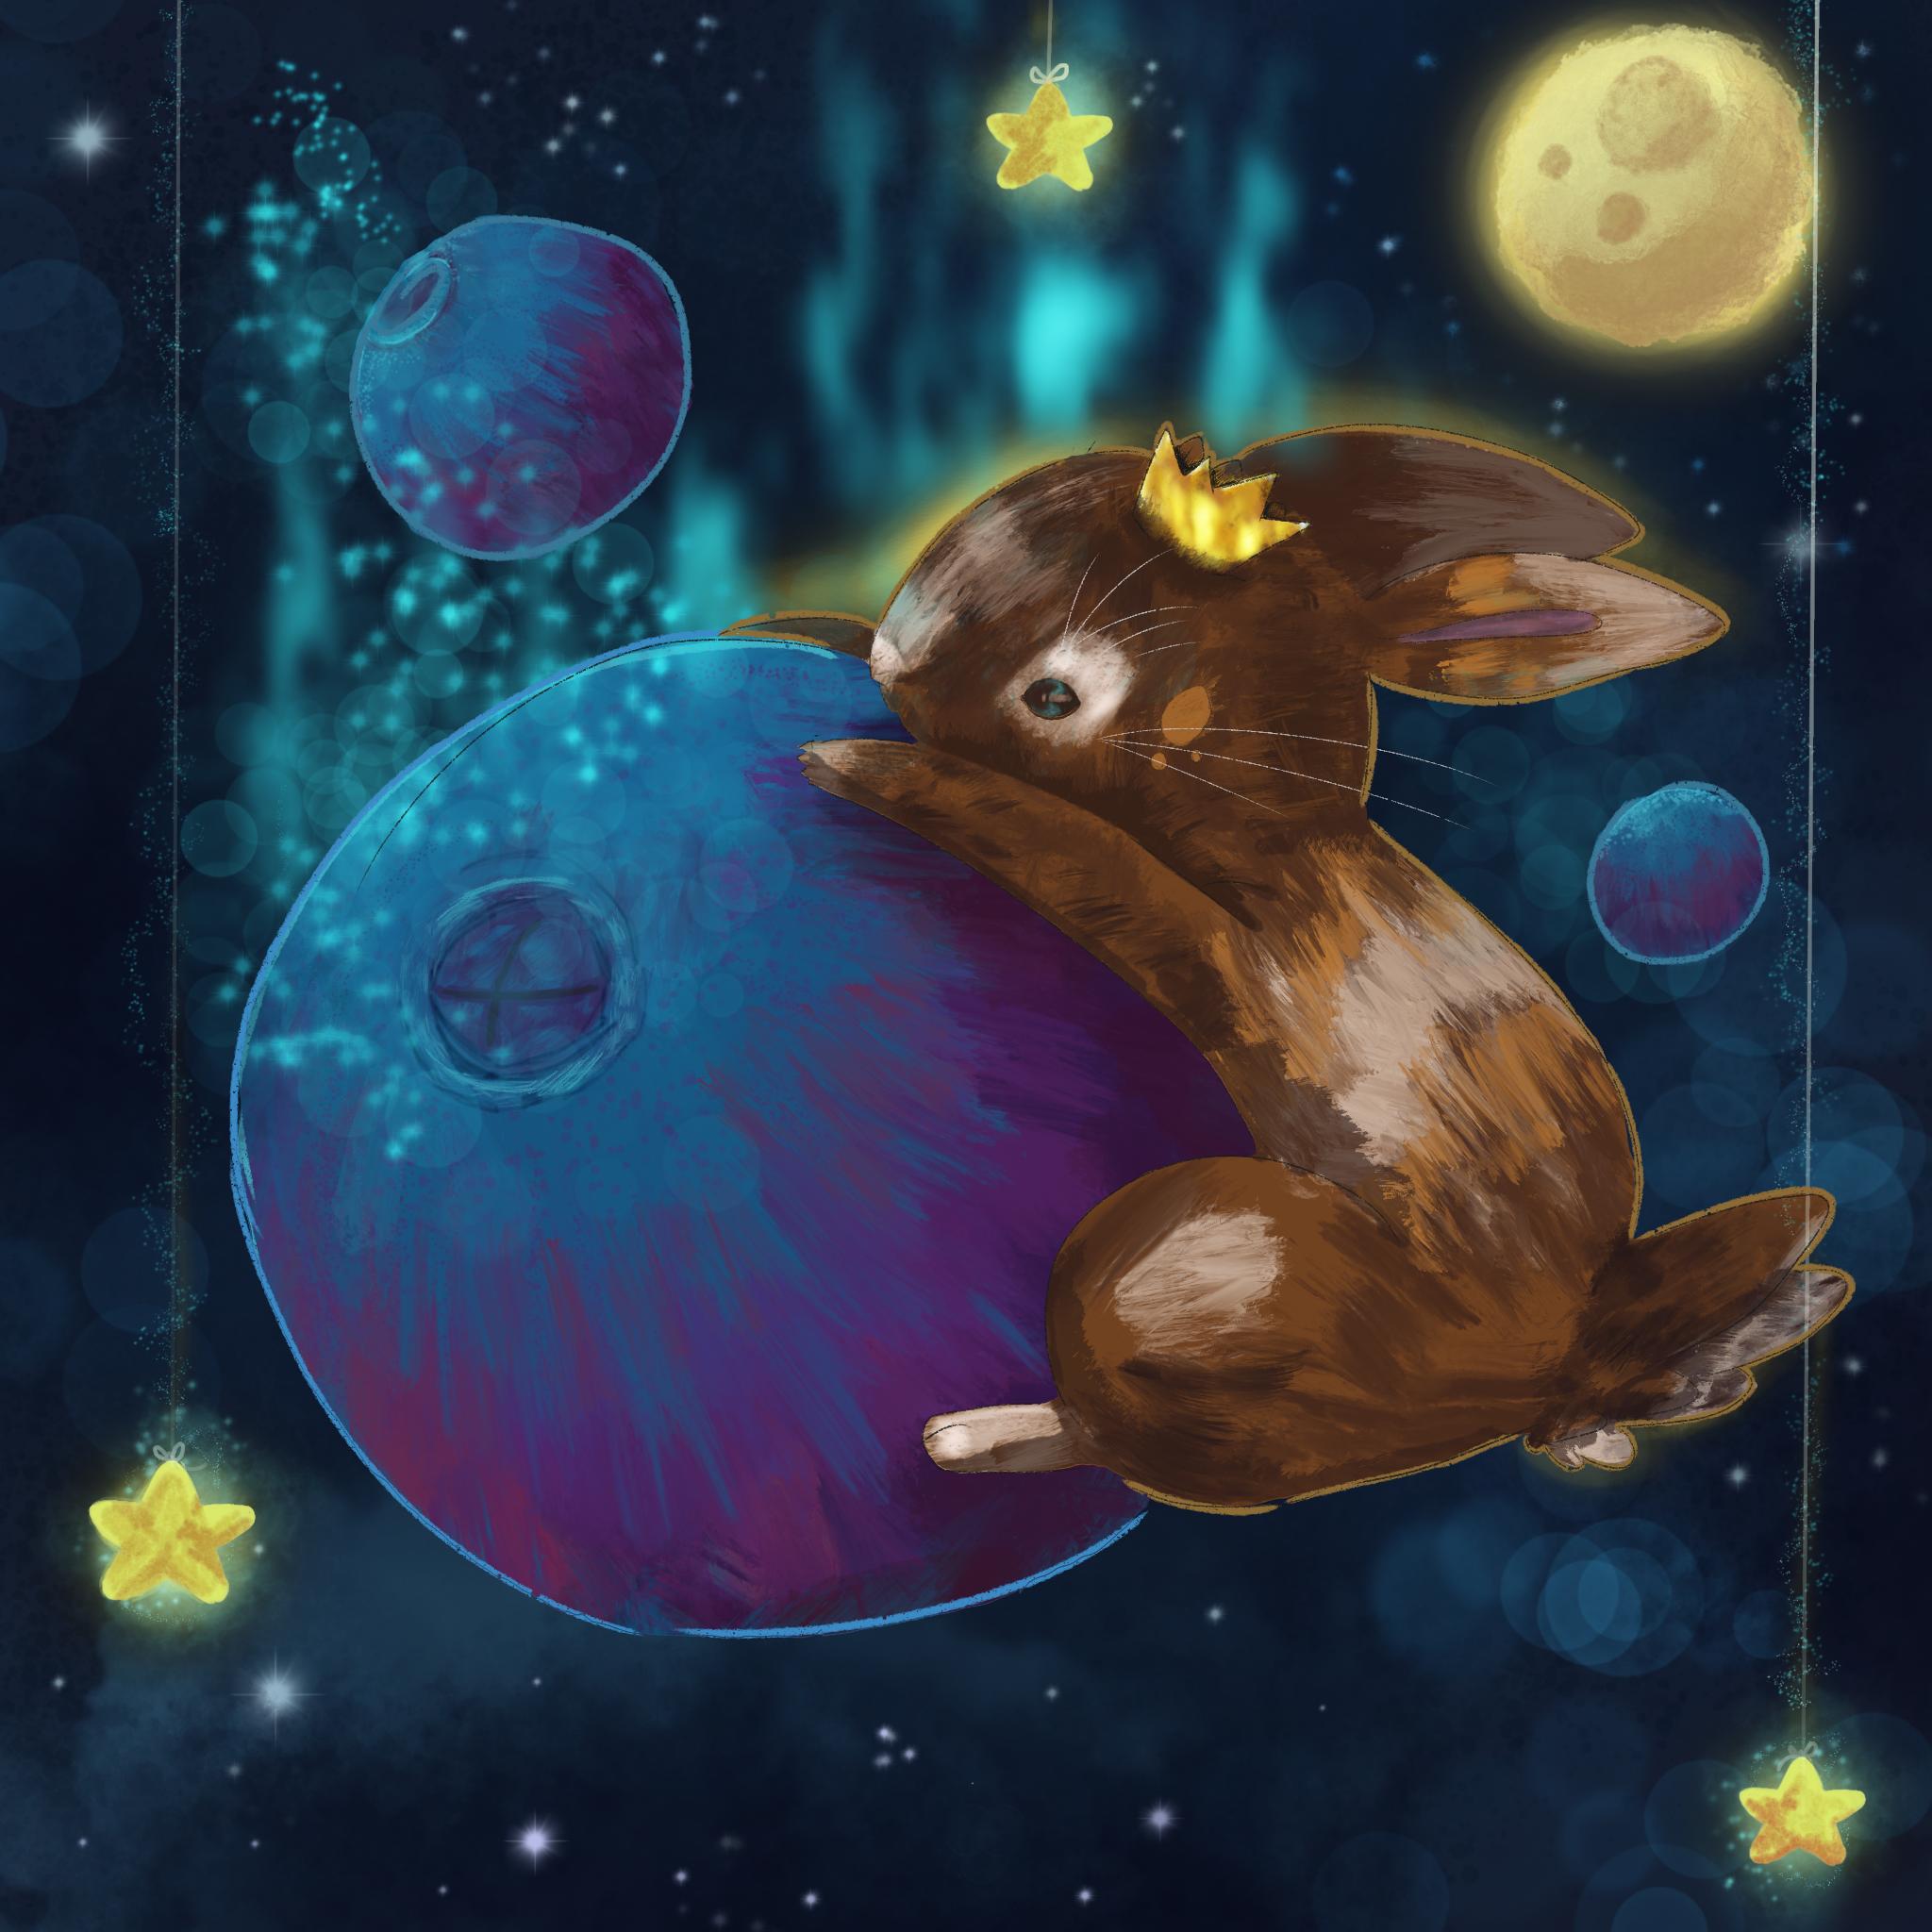 BunnyPrince